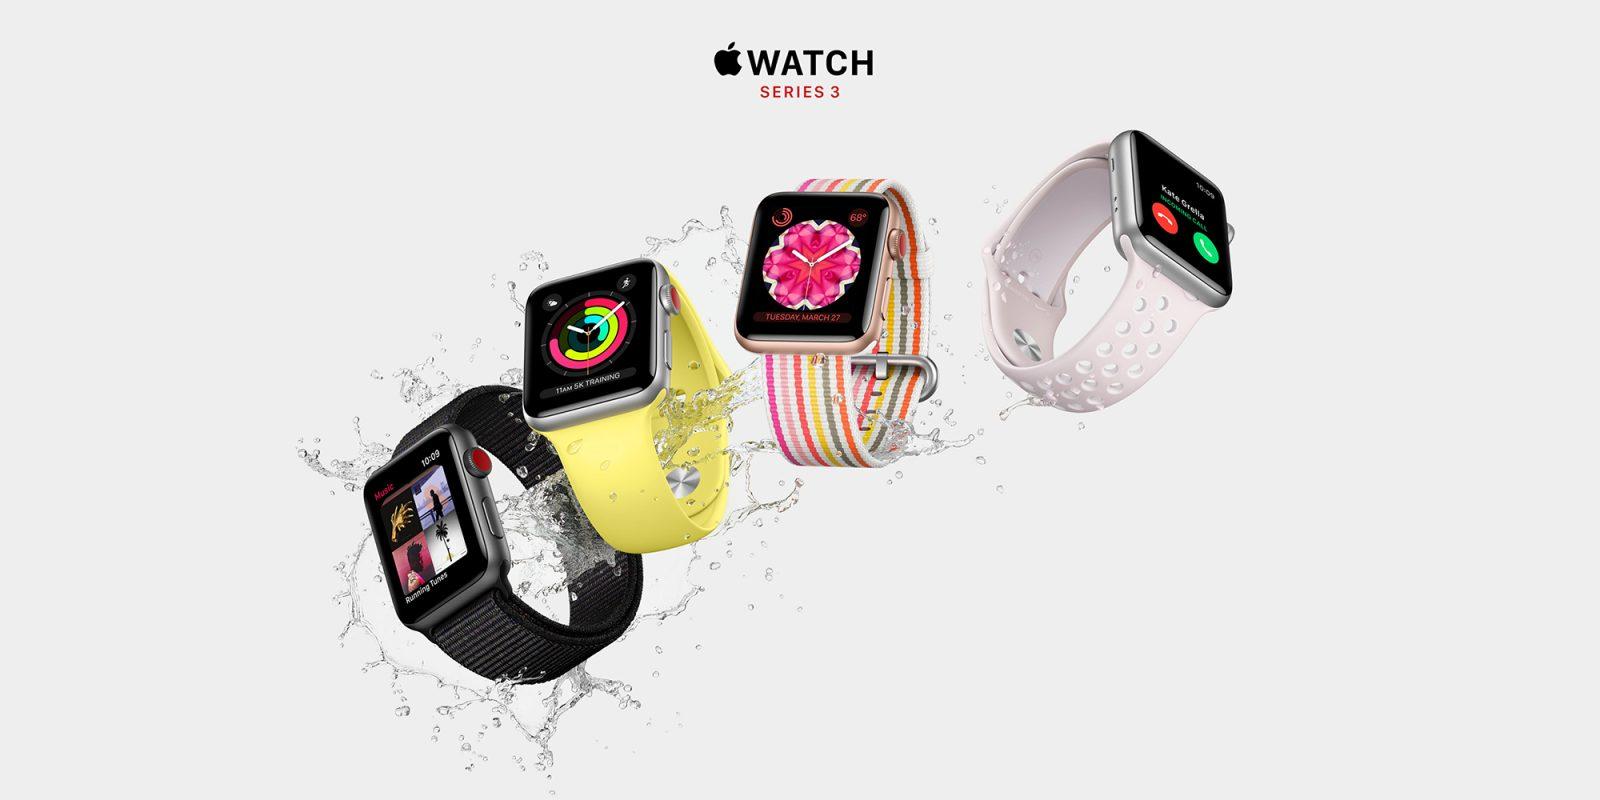 9dd0ec9d93d Best Buy discounts Apple Watch Series 3 in its 20 Days of Doorbusters sale